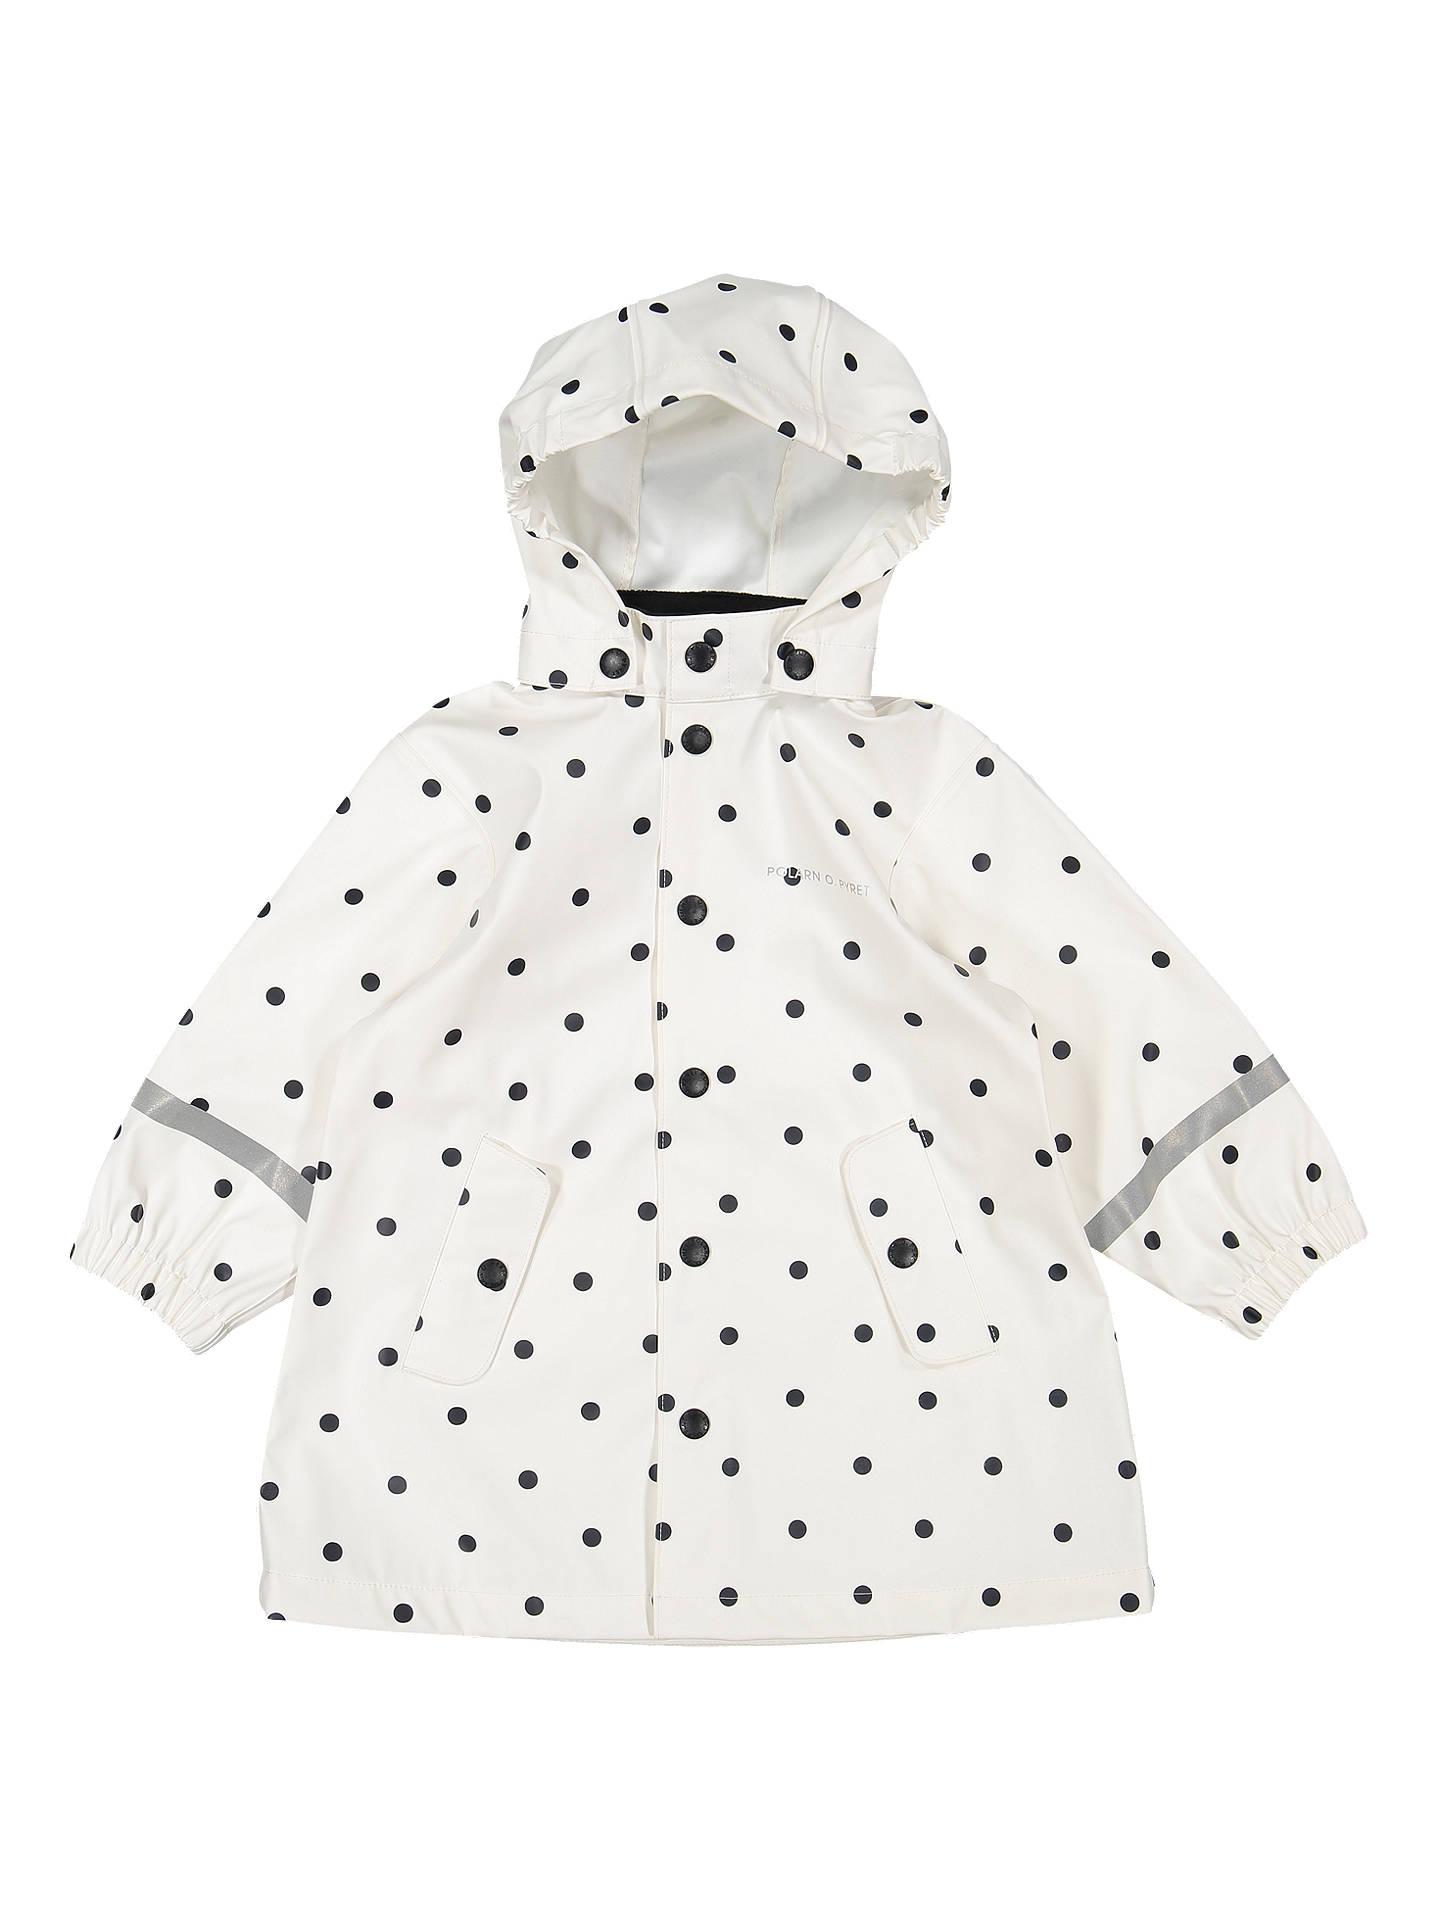 940c36b3e961 Polarn O. Pyret Baby Polka Dot Raincoat